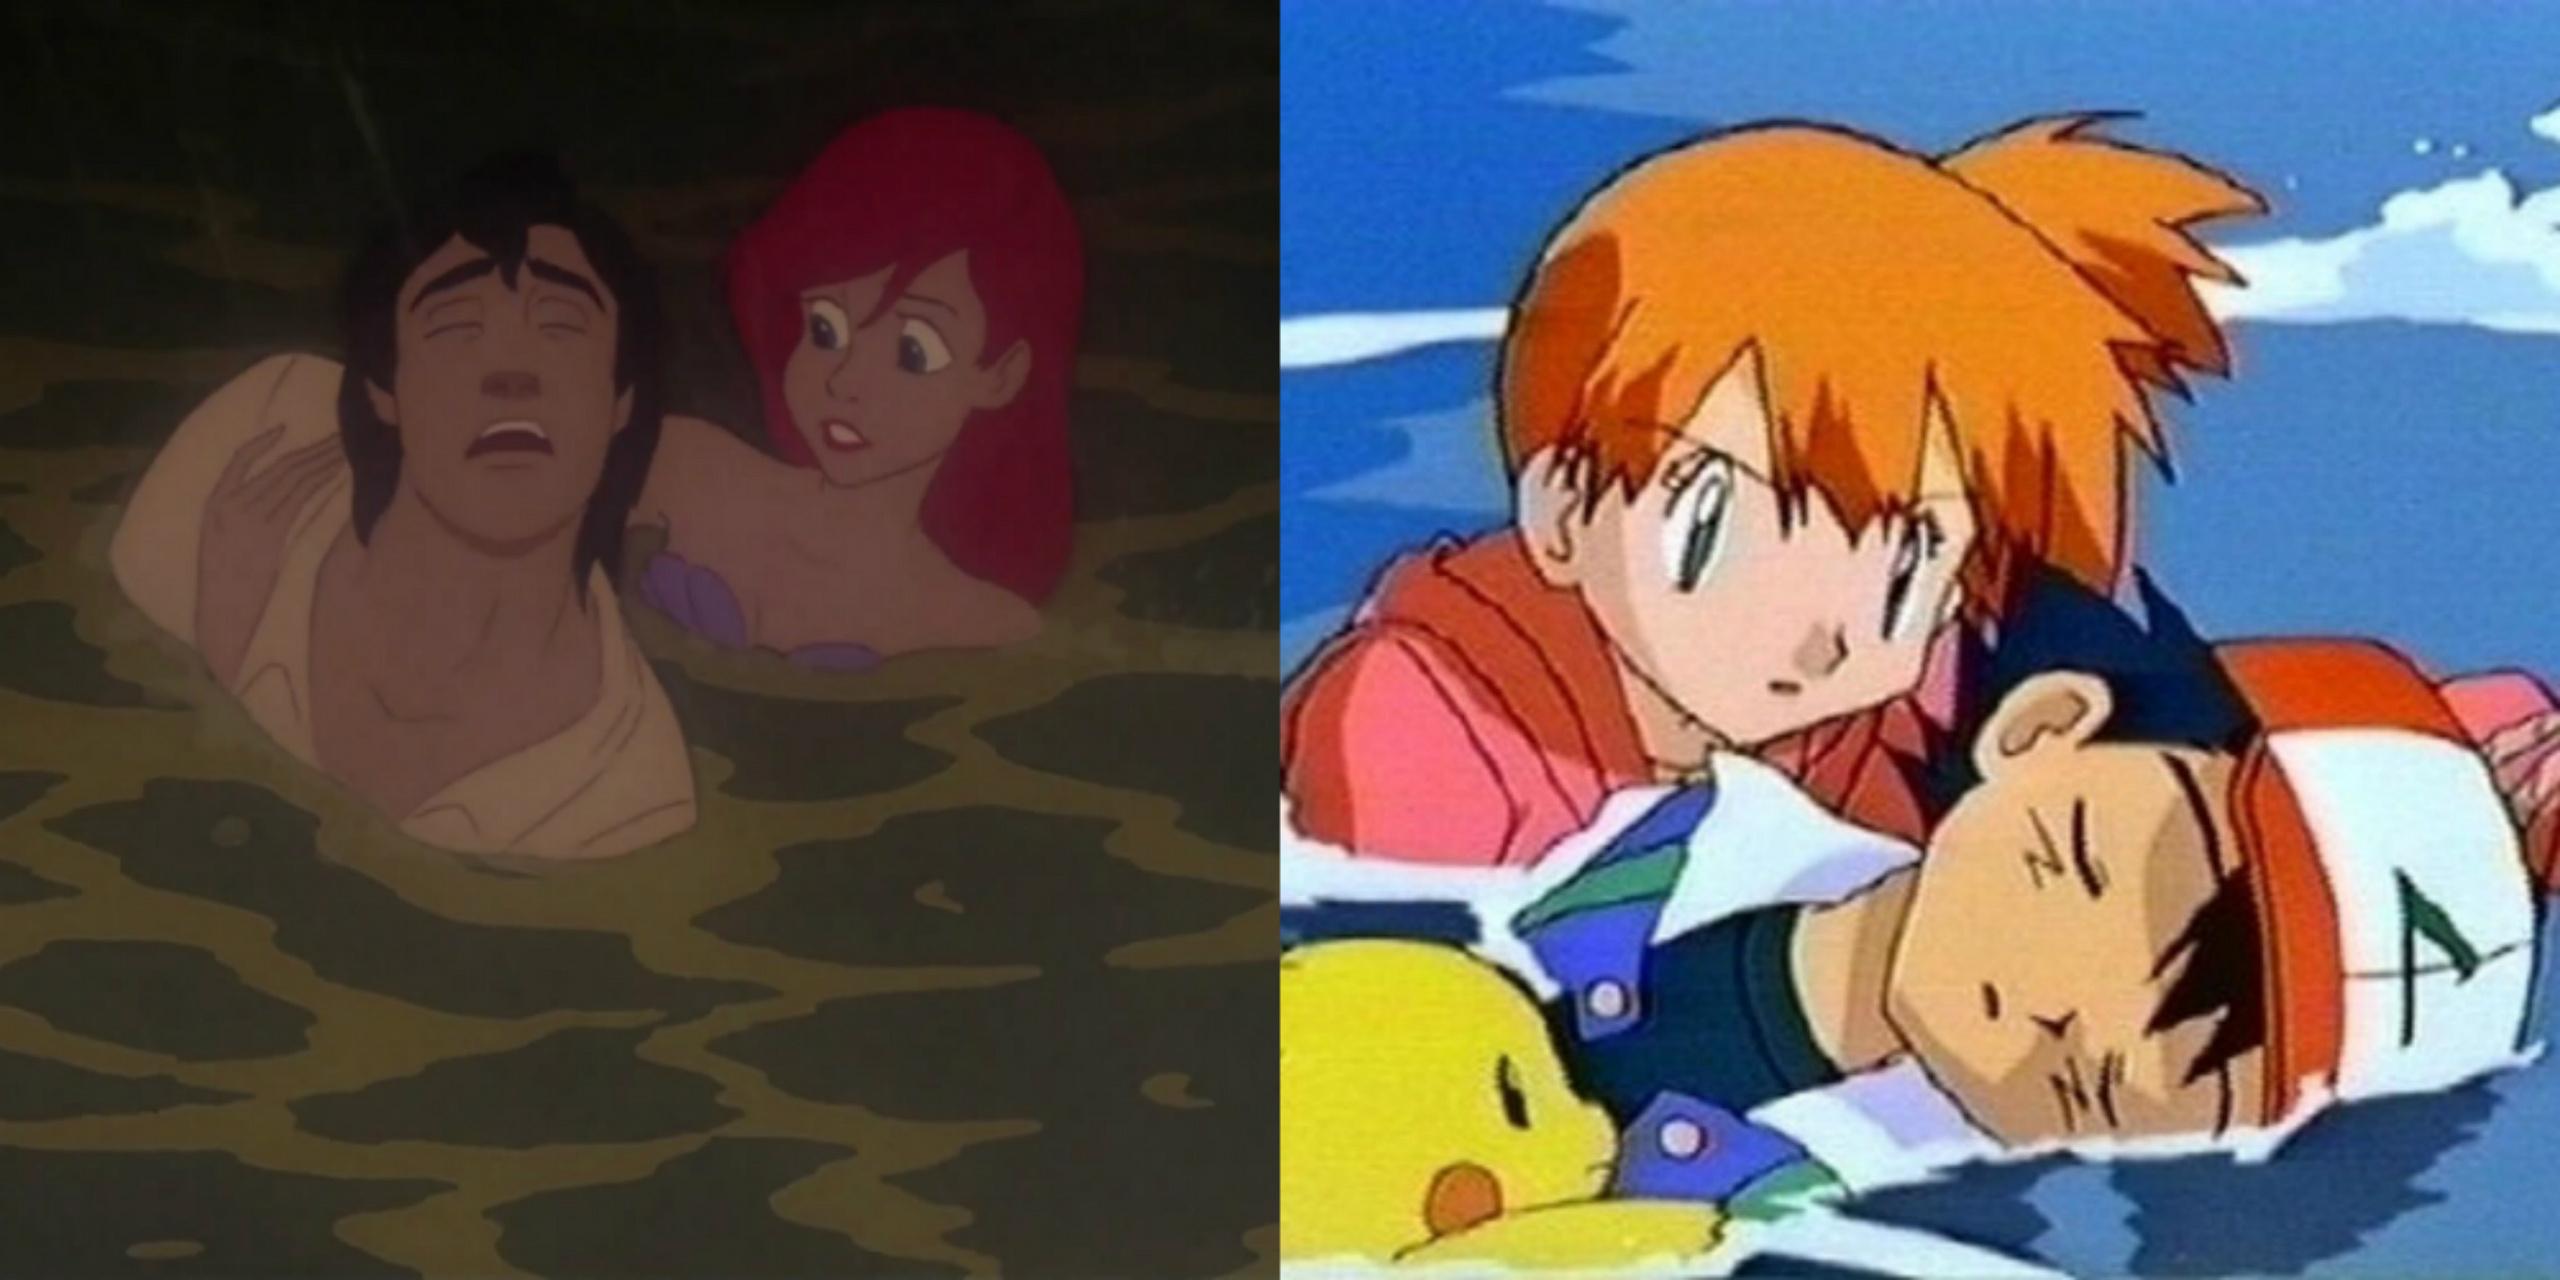 Misty Imitating Ariel 2